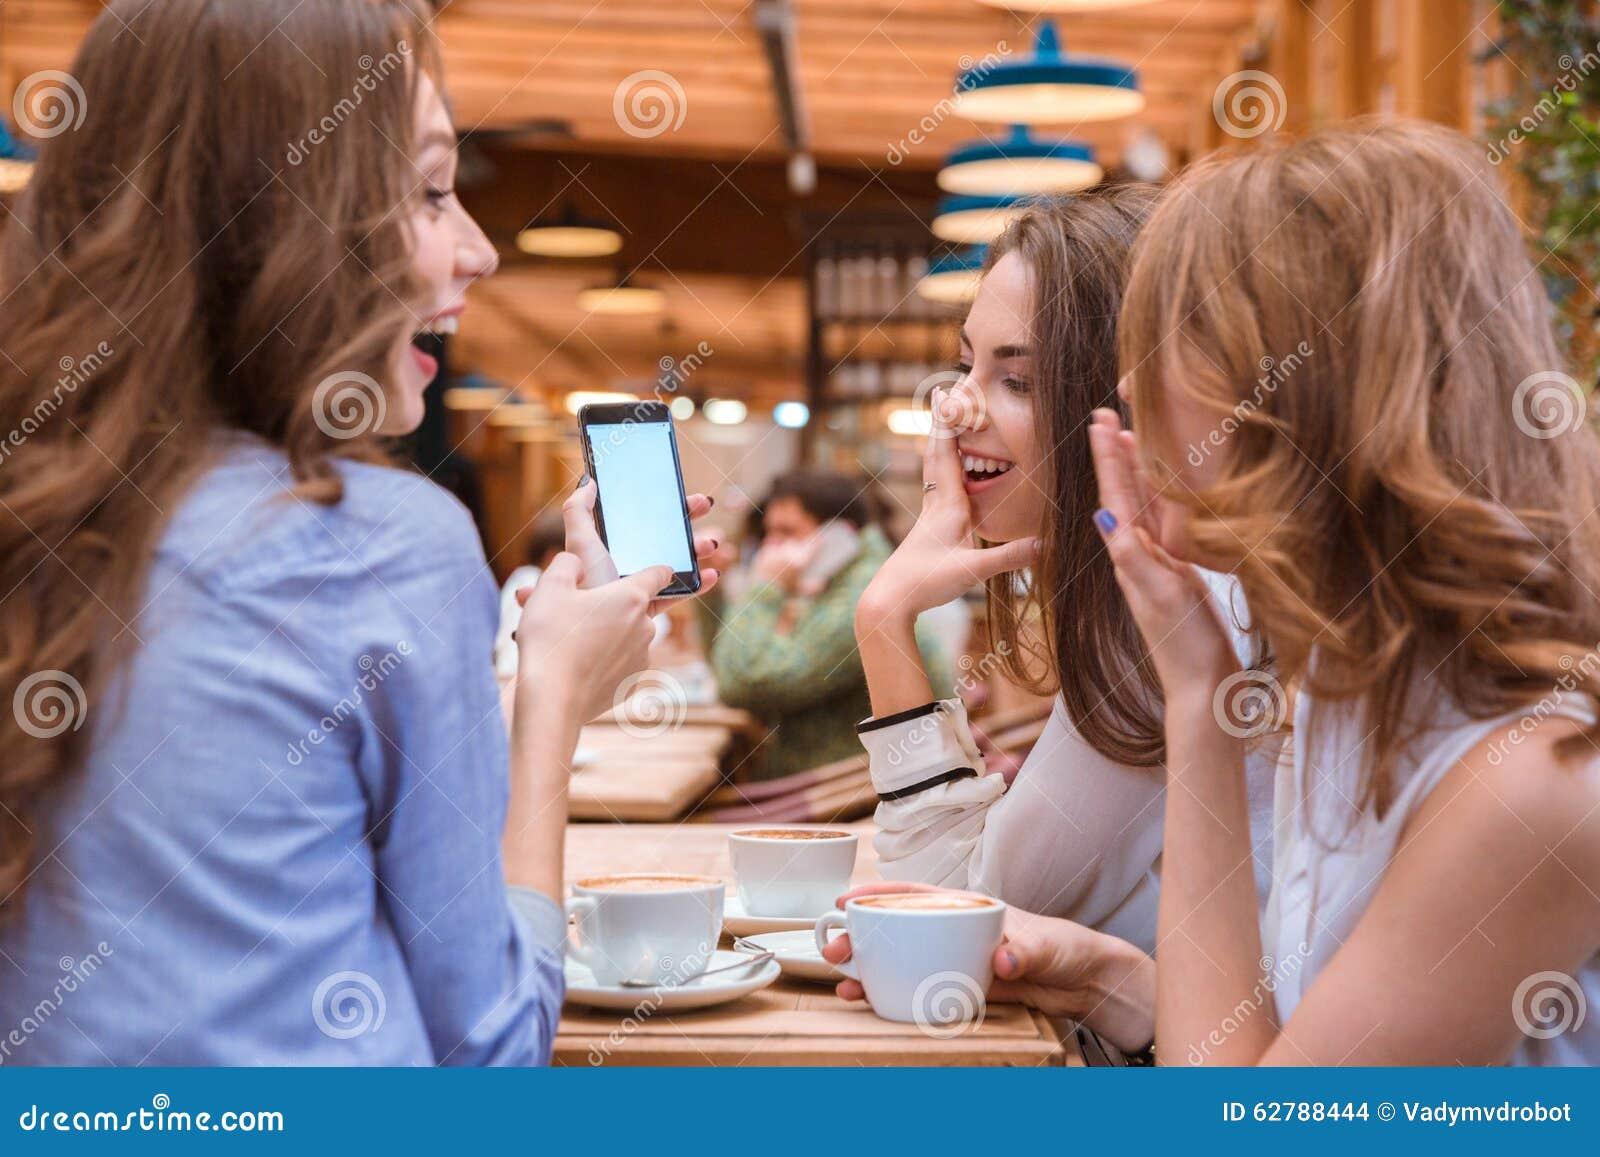 Kobieta pokazuje coś na smartphone ekranie jej dziewczyny